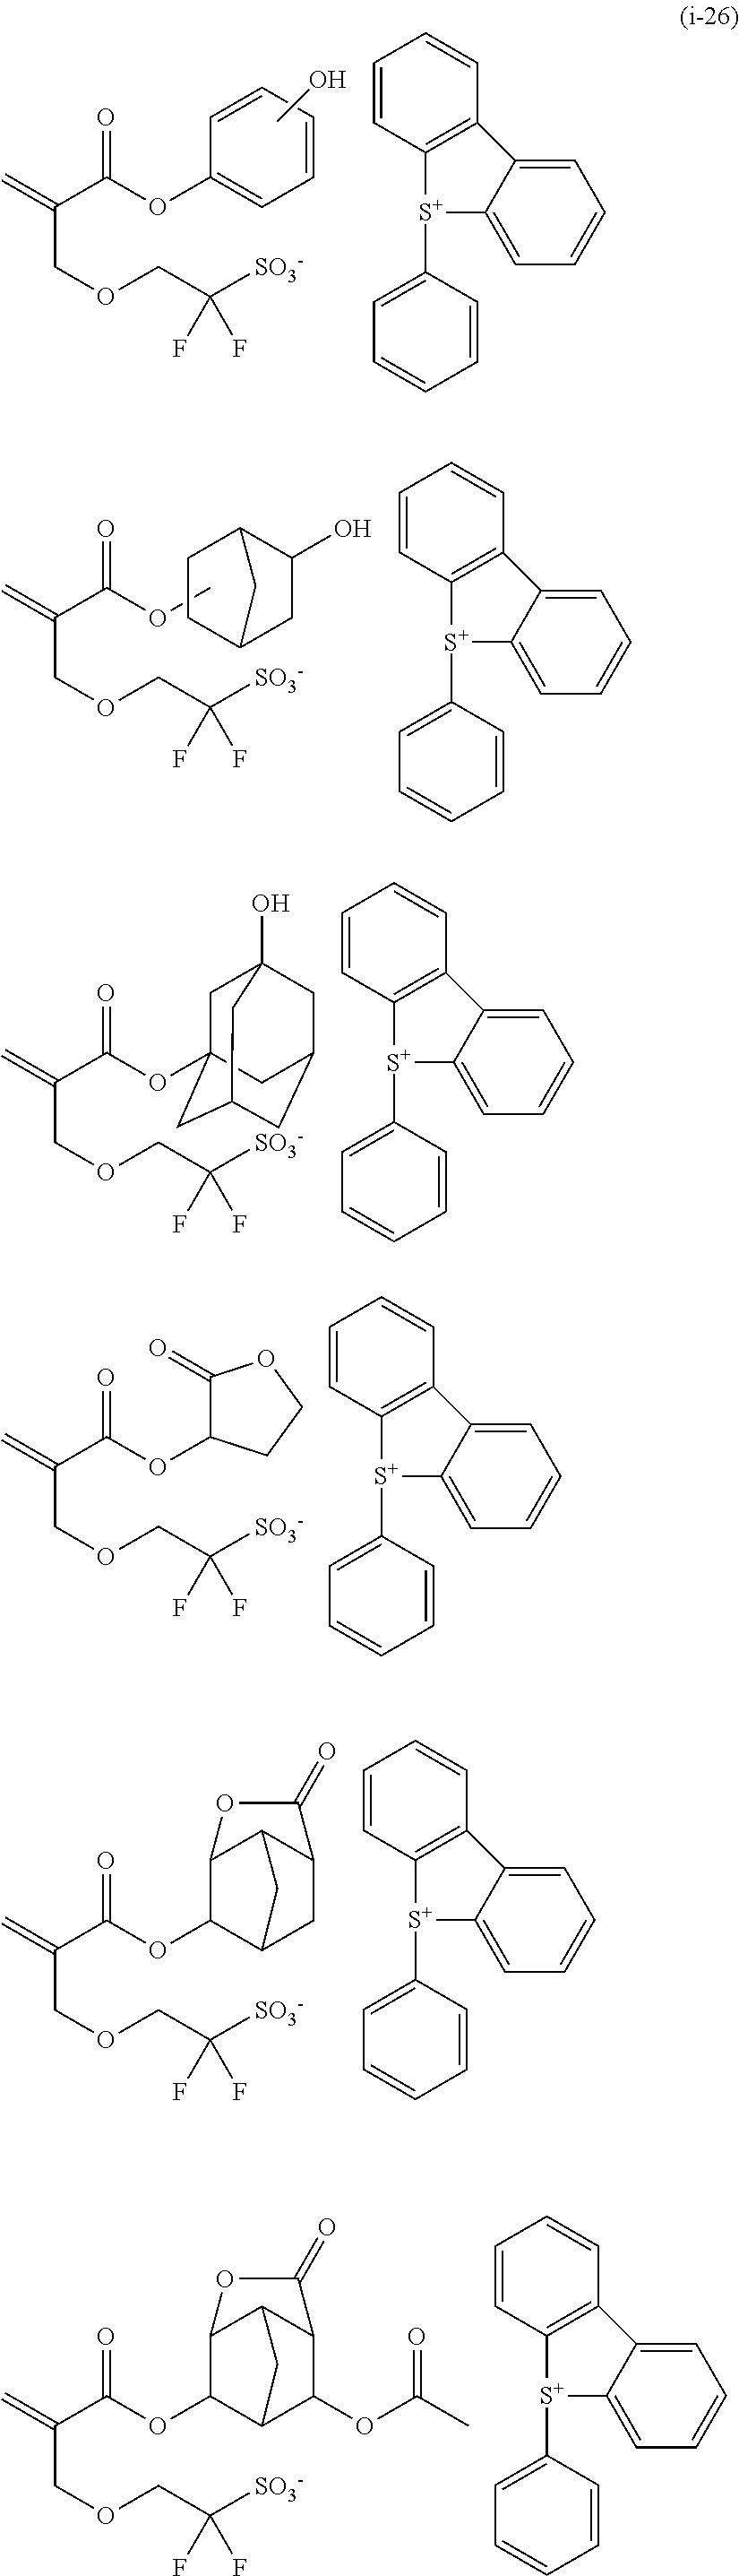 Figure US09488914-20161108-C00101